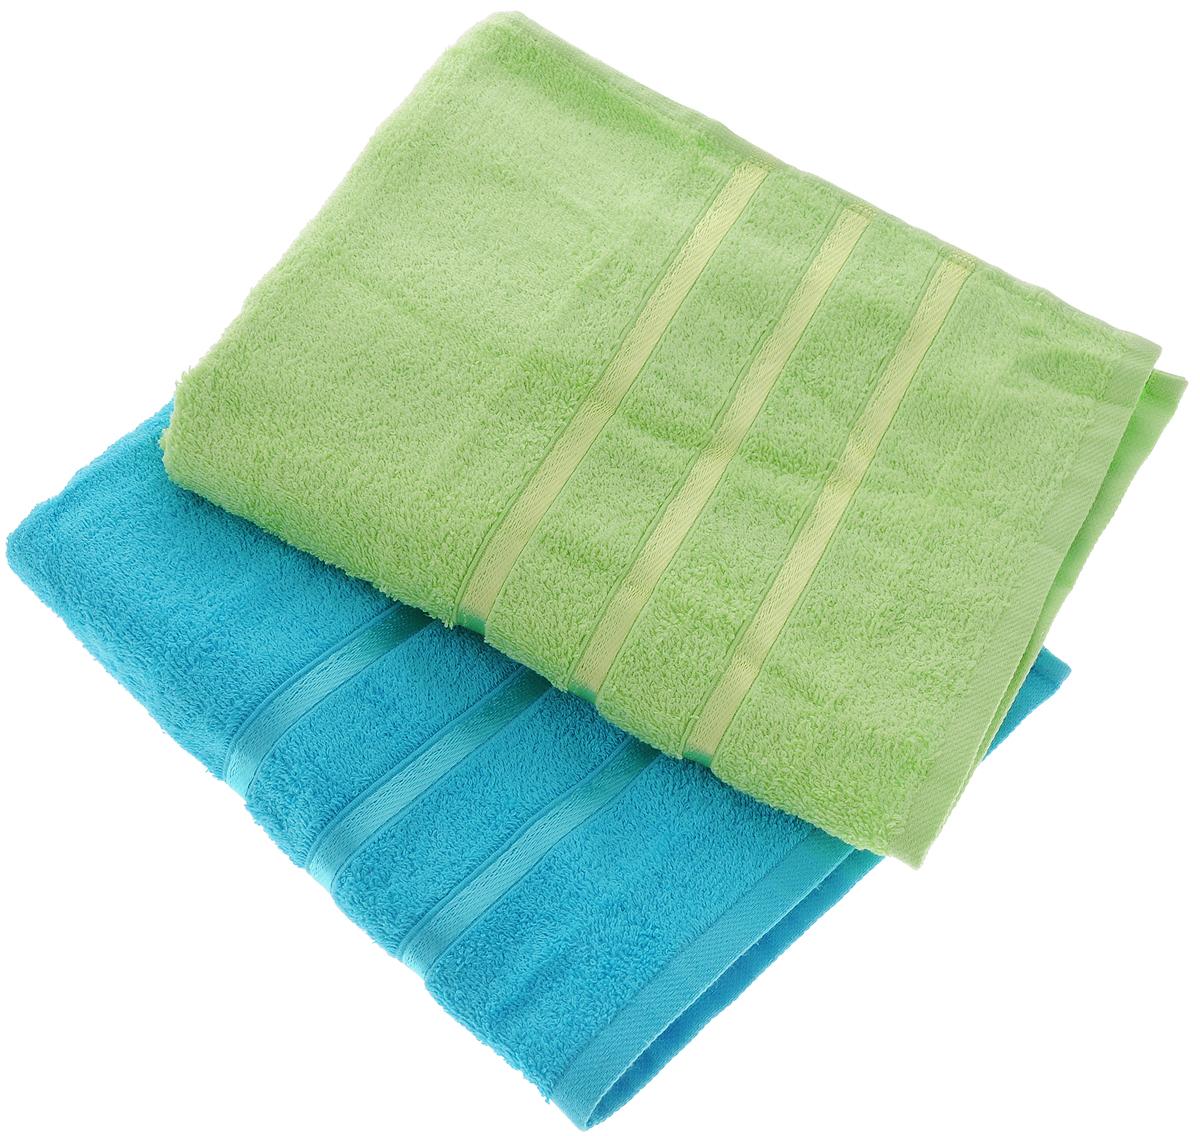 Набор полотенец Tete-a-Tete Ленты, цвет: зеленый, бирюзовый, 50 х 85 см, 2 шт1004900000360Набор Tete-a-tete Ленты состоит из двух махровых полотенец, выполненных из натурального 100% хлопка. Бордюр полотенец декорирован лентами. Изделия мягкие, отлично впитывают влагу, быстро сохнут, сохраняют яркость цвета и не теряют форму даже после многократных стирок. Полотенца Tete-a-tete Ленты очень практичны и неприхотливы в уходе. Они легко впишутся в любой интерьер благодаря своей нежной цветовой гамме. Набор упакован в красивую коробку и может послужить отличной идеей для подарка.Размер полотенец: 50 х 85 см.